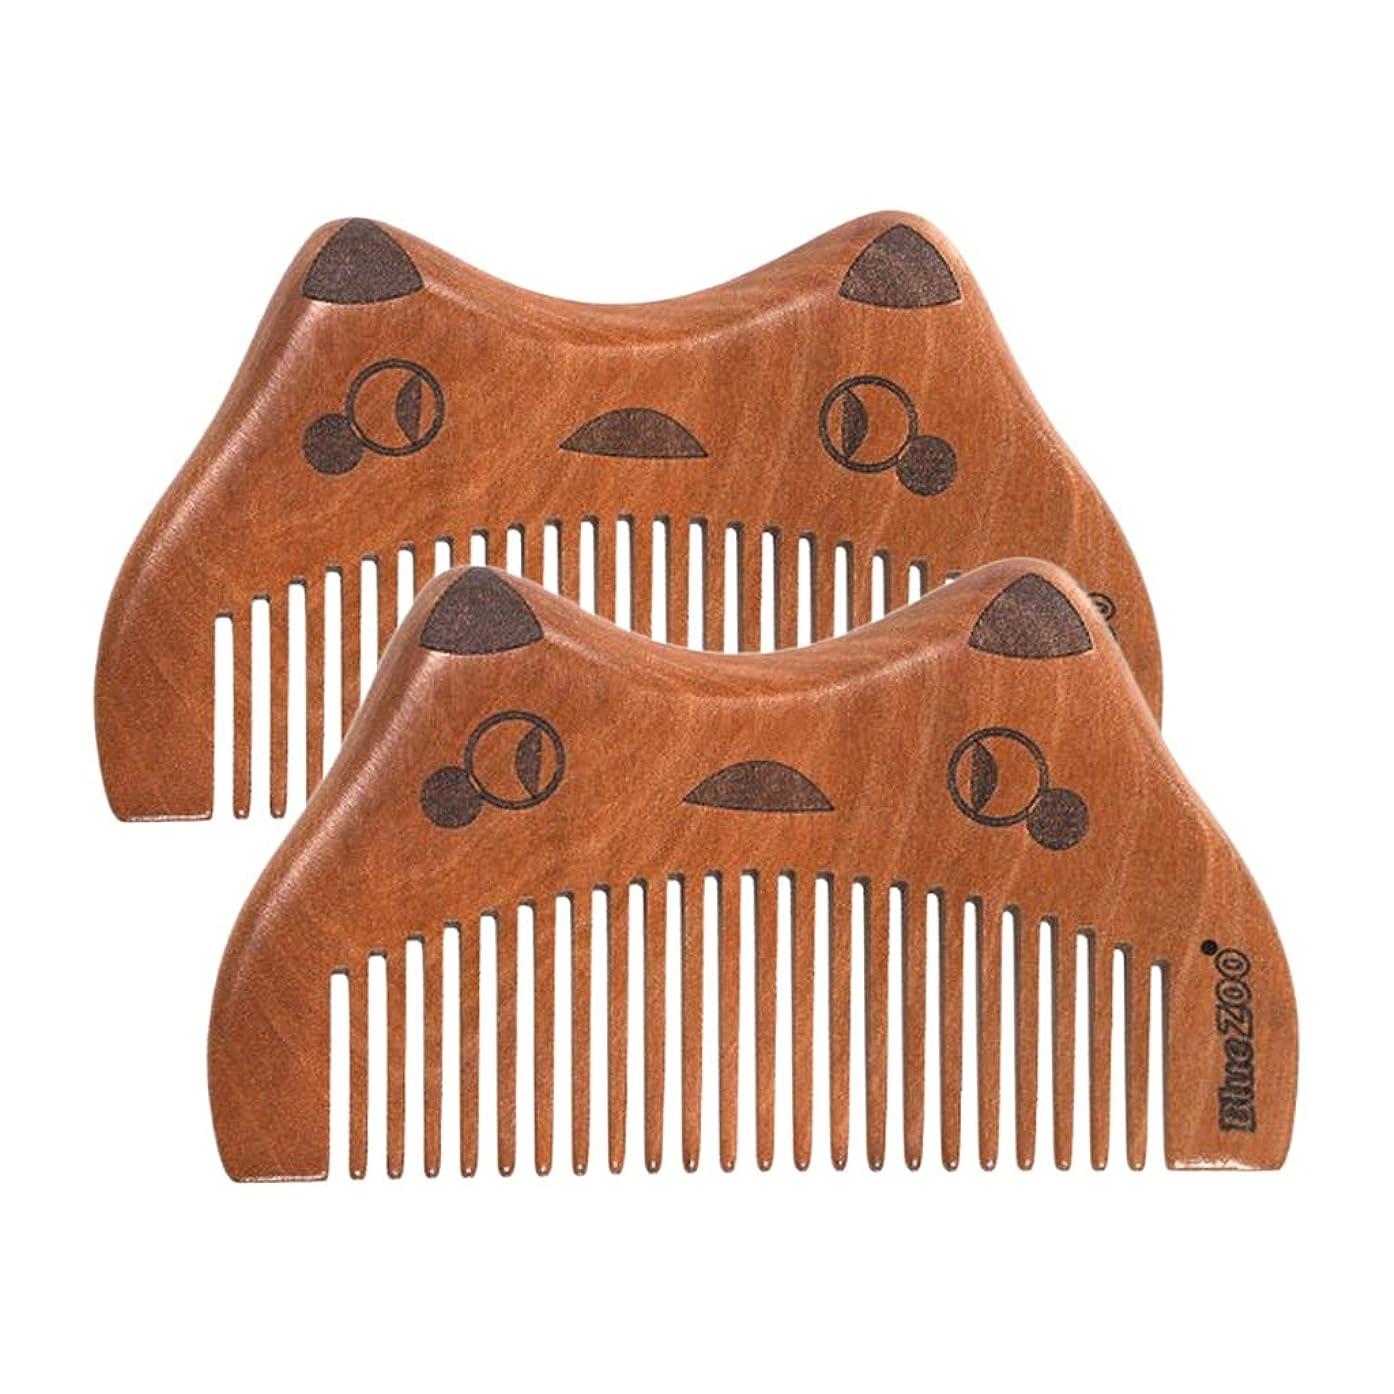 突然王位取り消すsharprepublic ヘアコーム 木製櫛 ヘアケア 男女兼用 くし コーム 頭皮マッサージ 全2種選択でき - 細かい歯